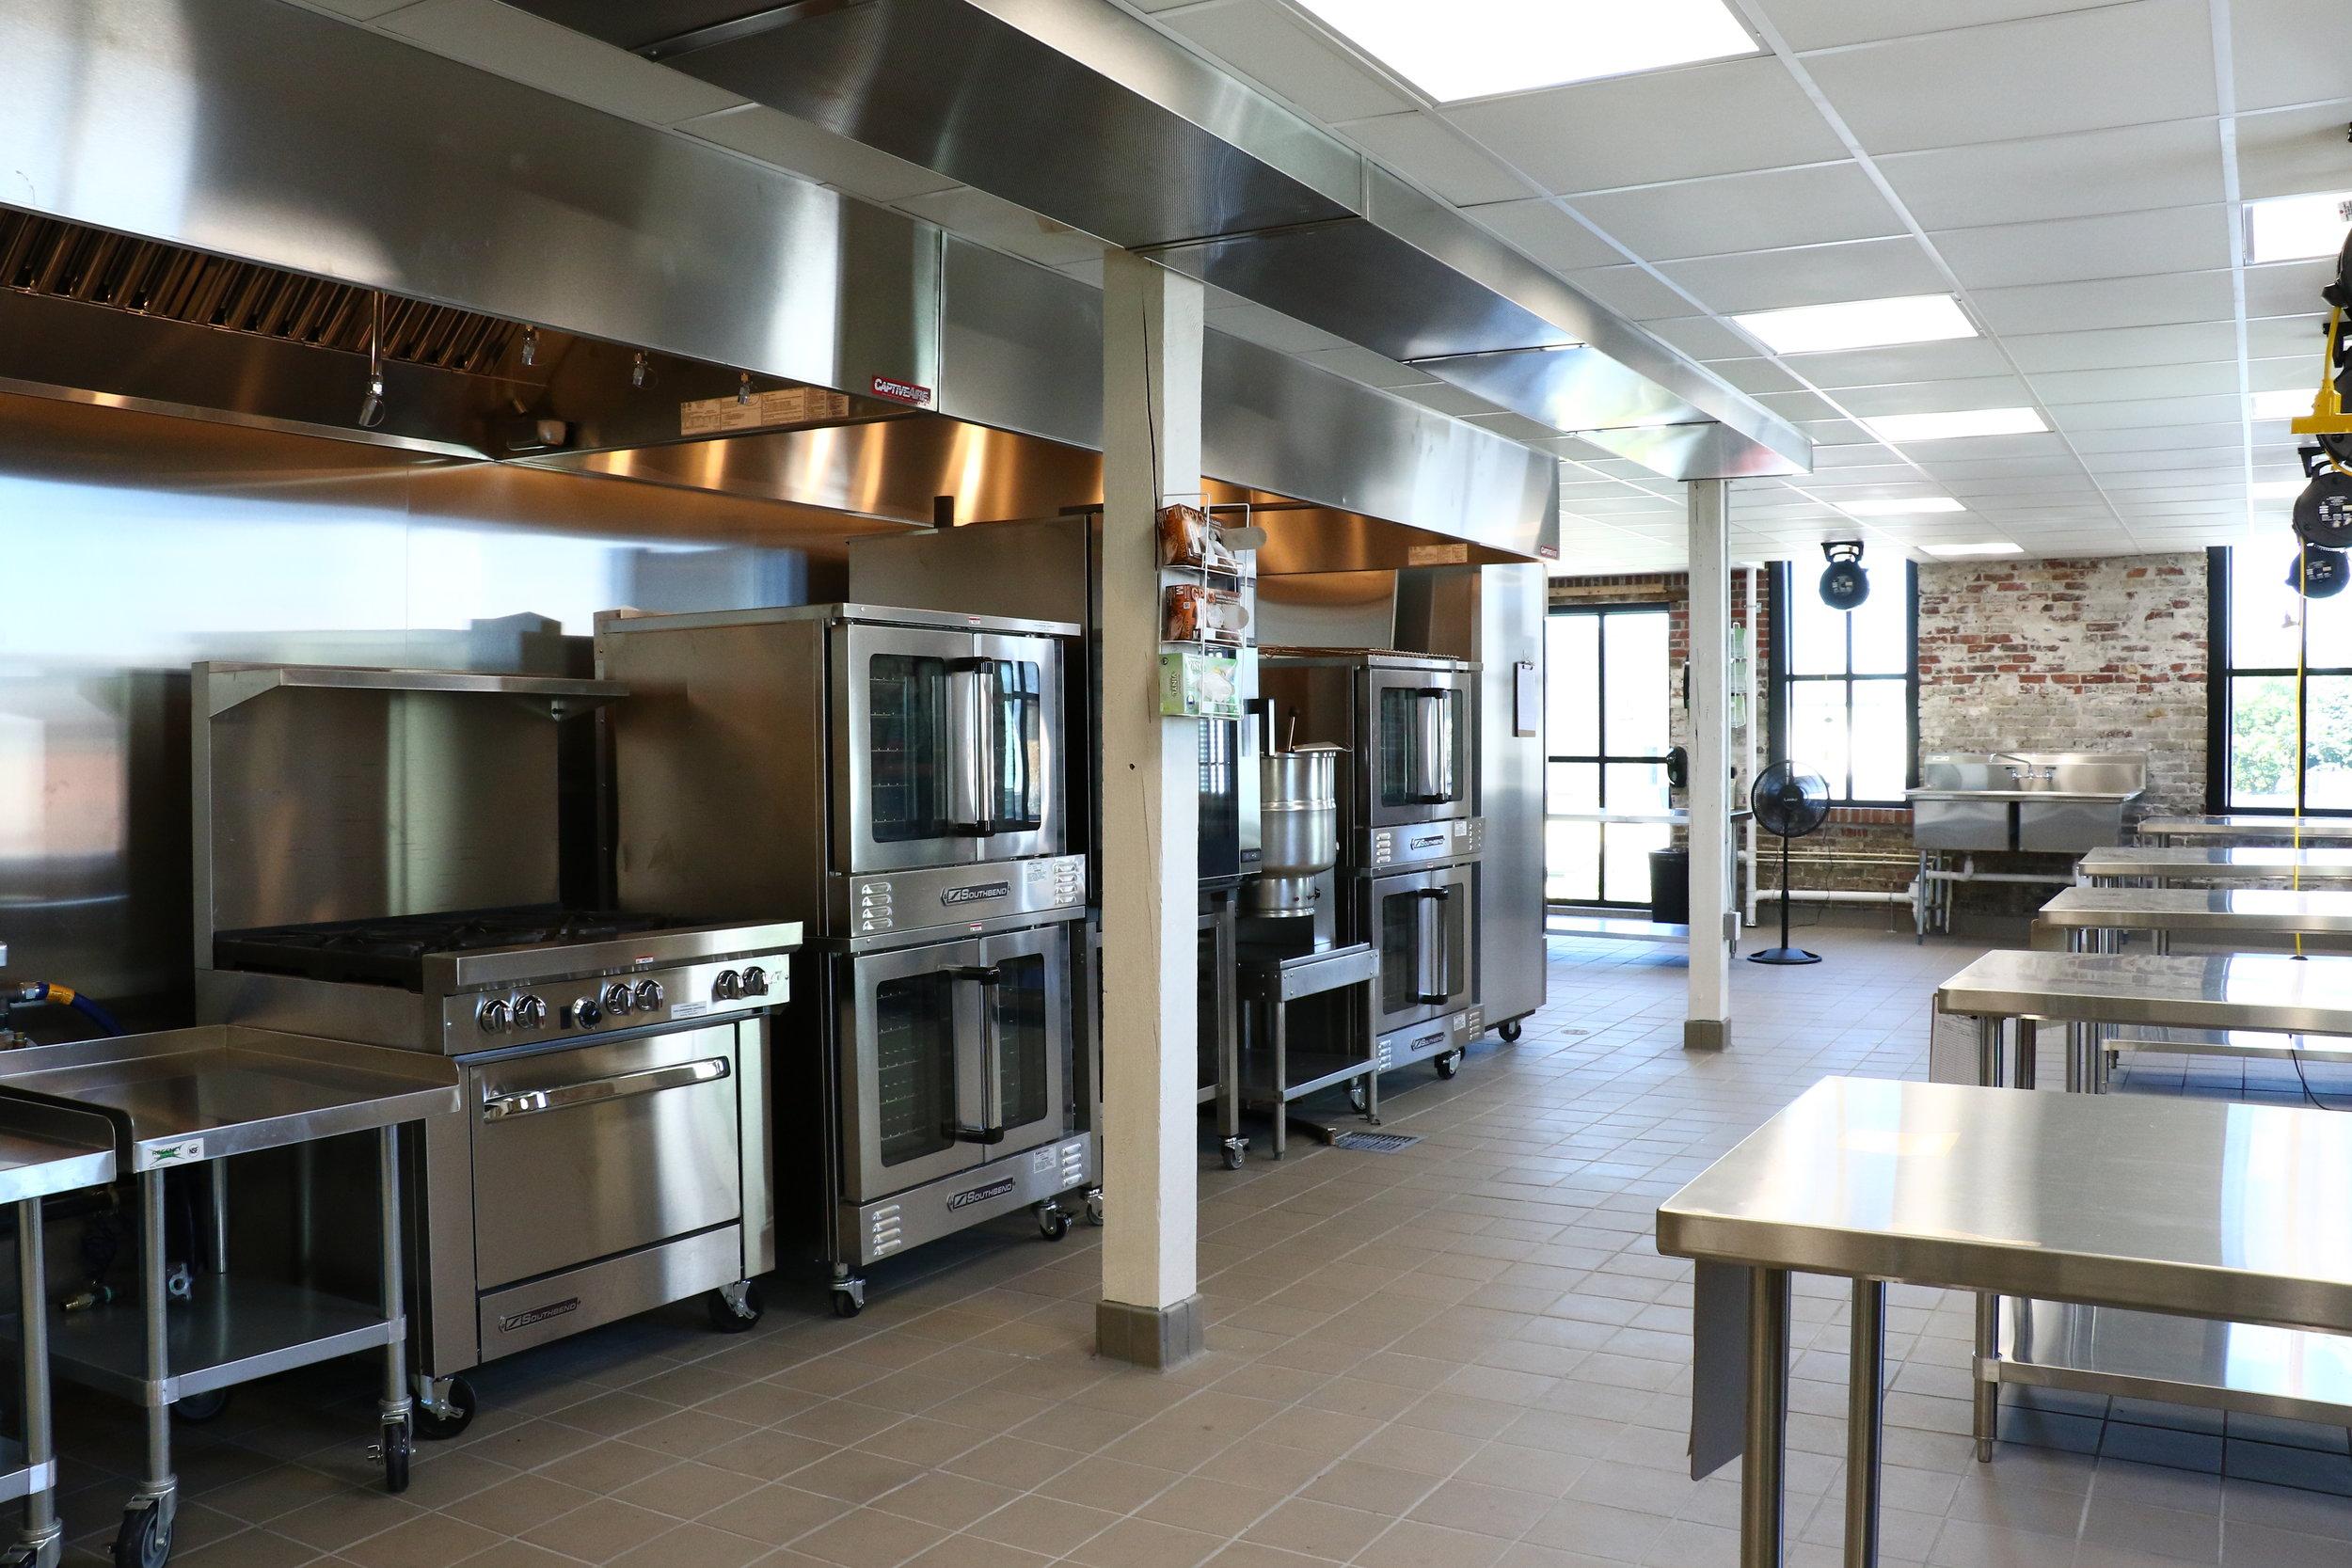 Shared Kitchen Rentals For Food Business Startups Fork